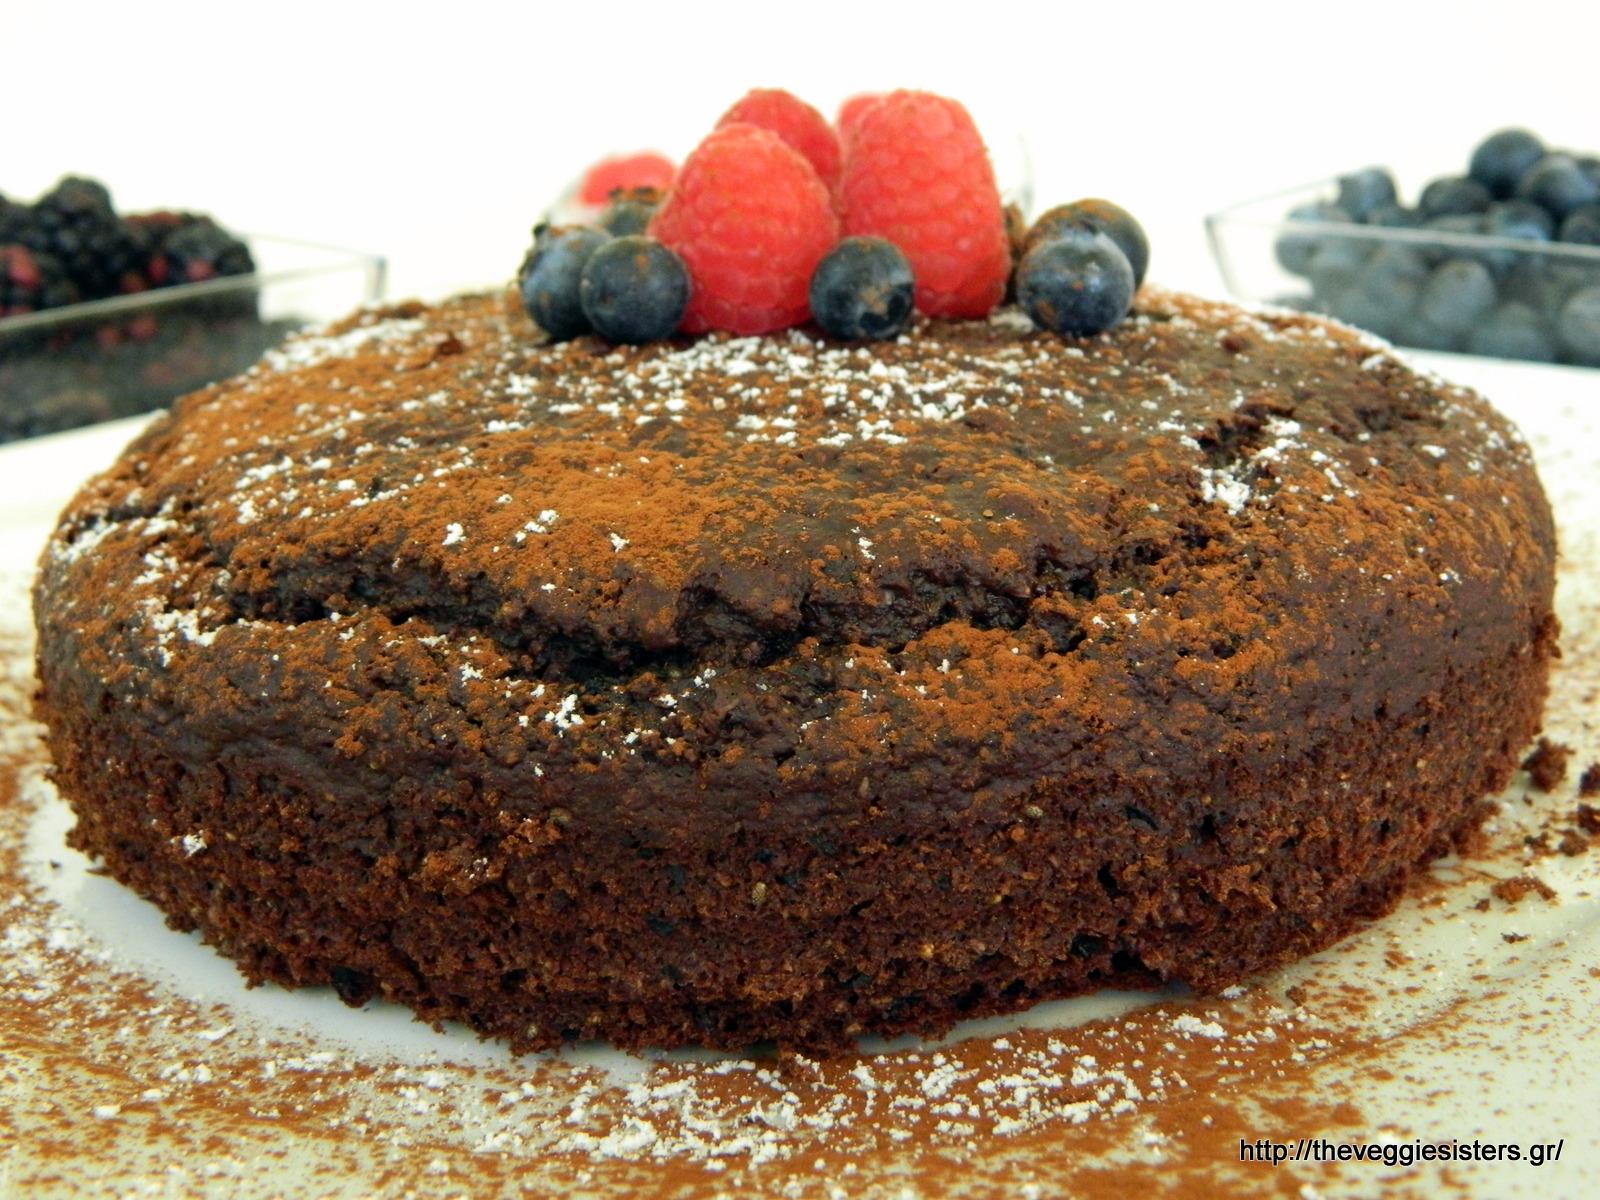 Σοκολατένιο κέικ με μύρτιλλα - Chocolate blueberry cake